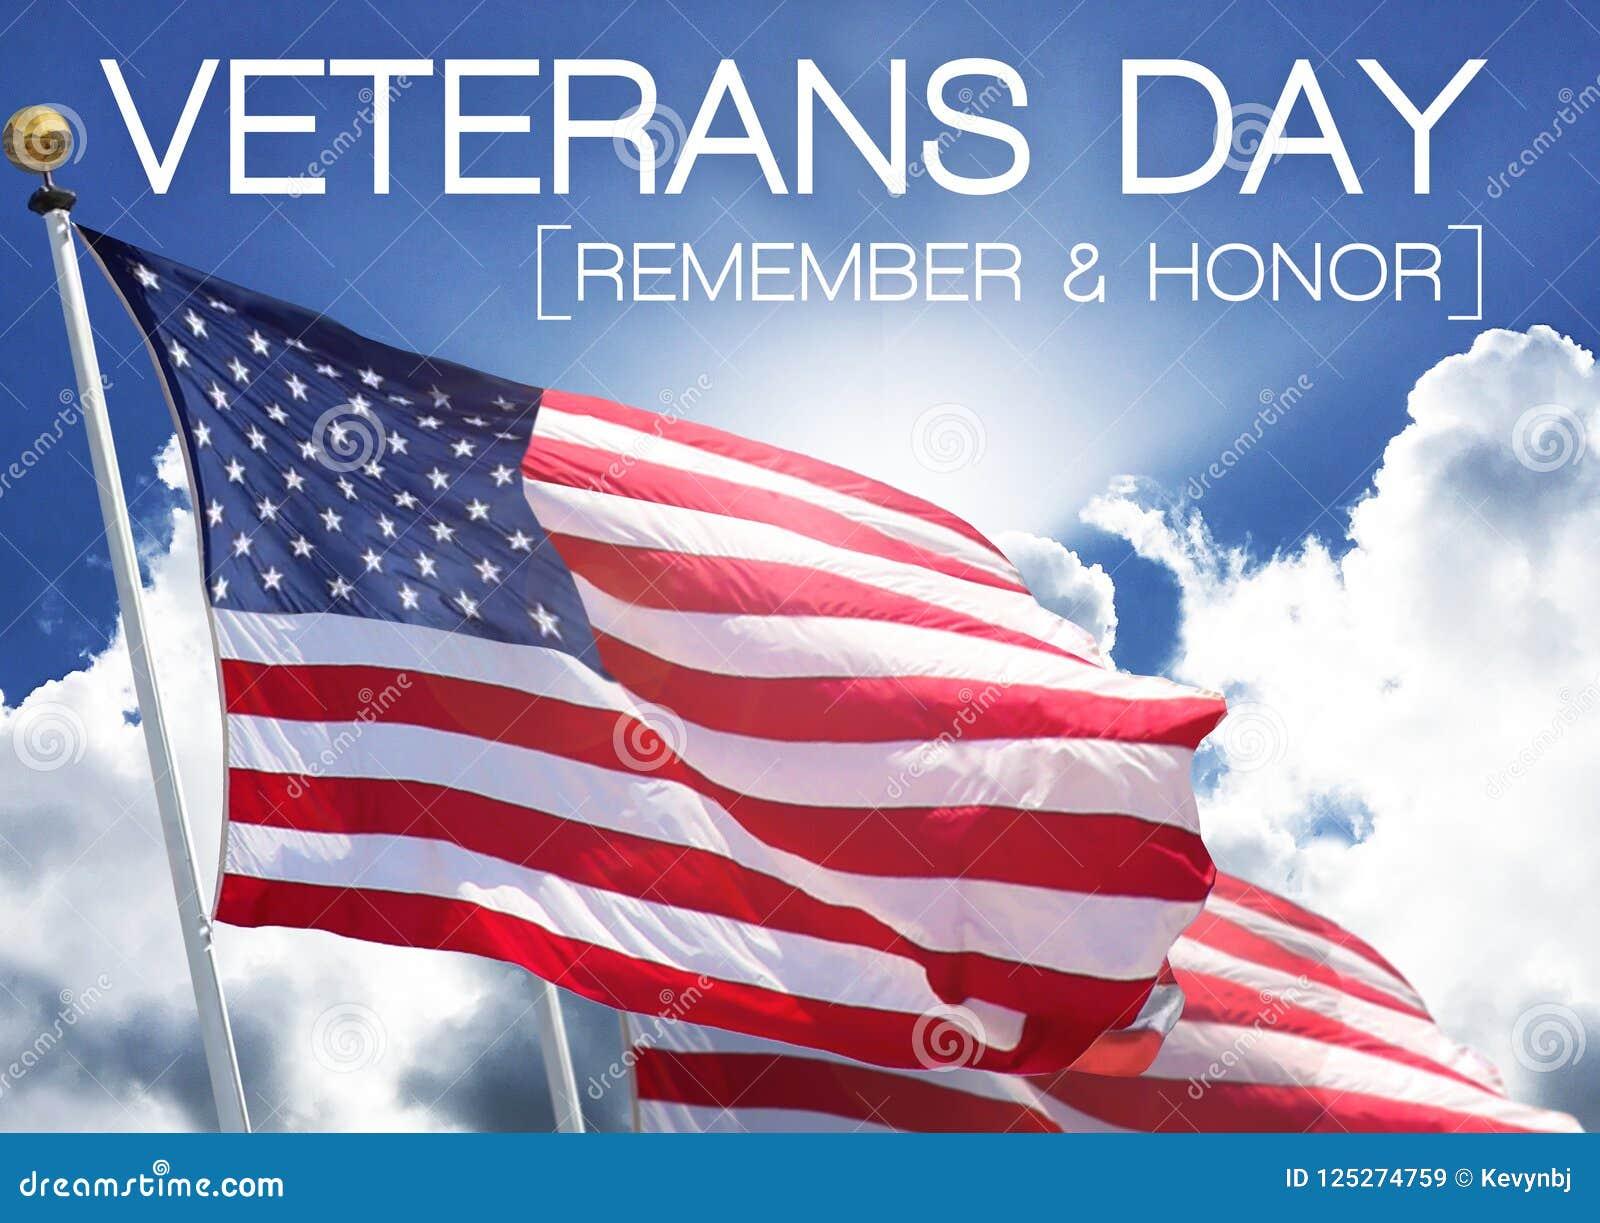 Conmemoración del cielo de la bandera del día de veteranos y dignidad del honor